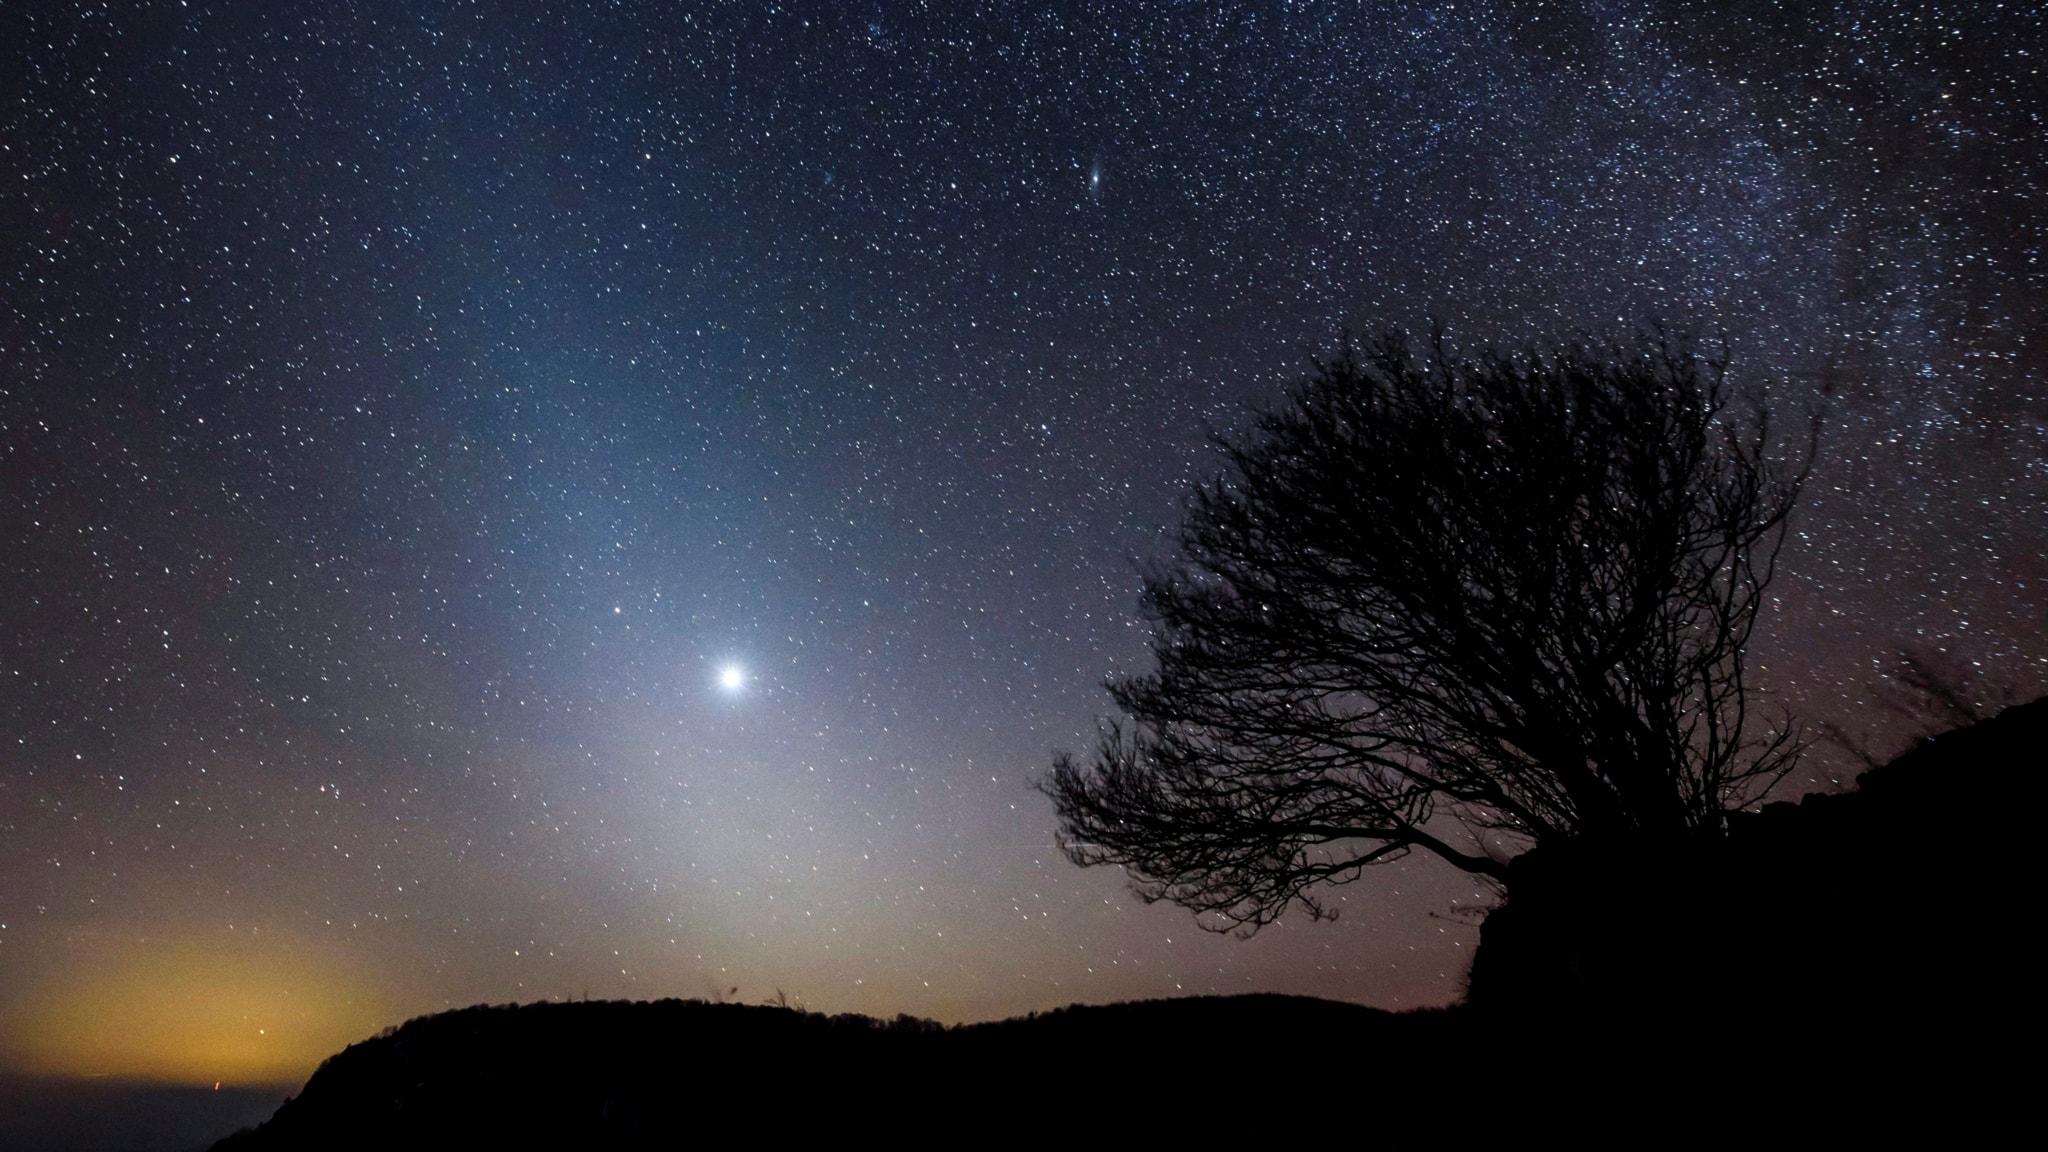 Dags att räkna de stjärnor som syns bakom lamporna